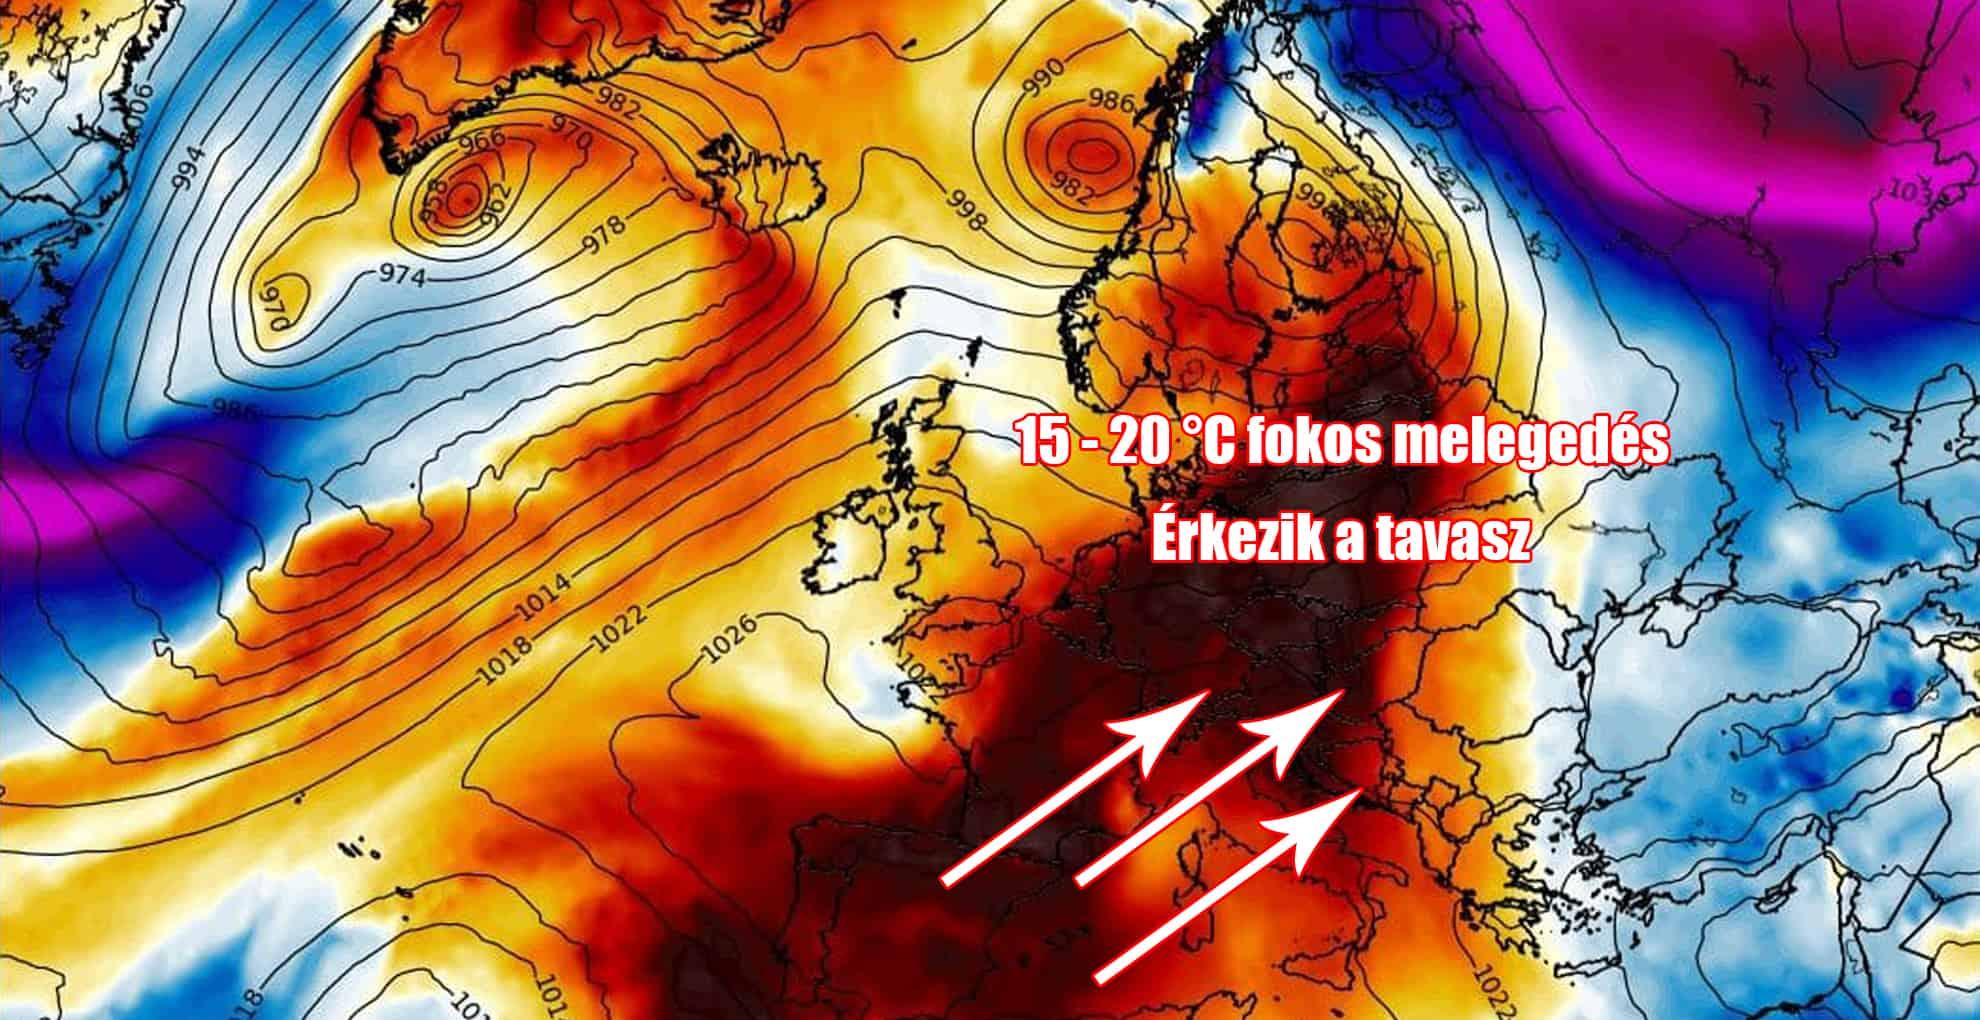 Hosszútávú előrejelzés: 15-20 fokos melegedés jövő hét végére! 7